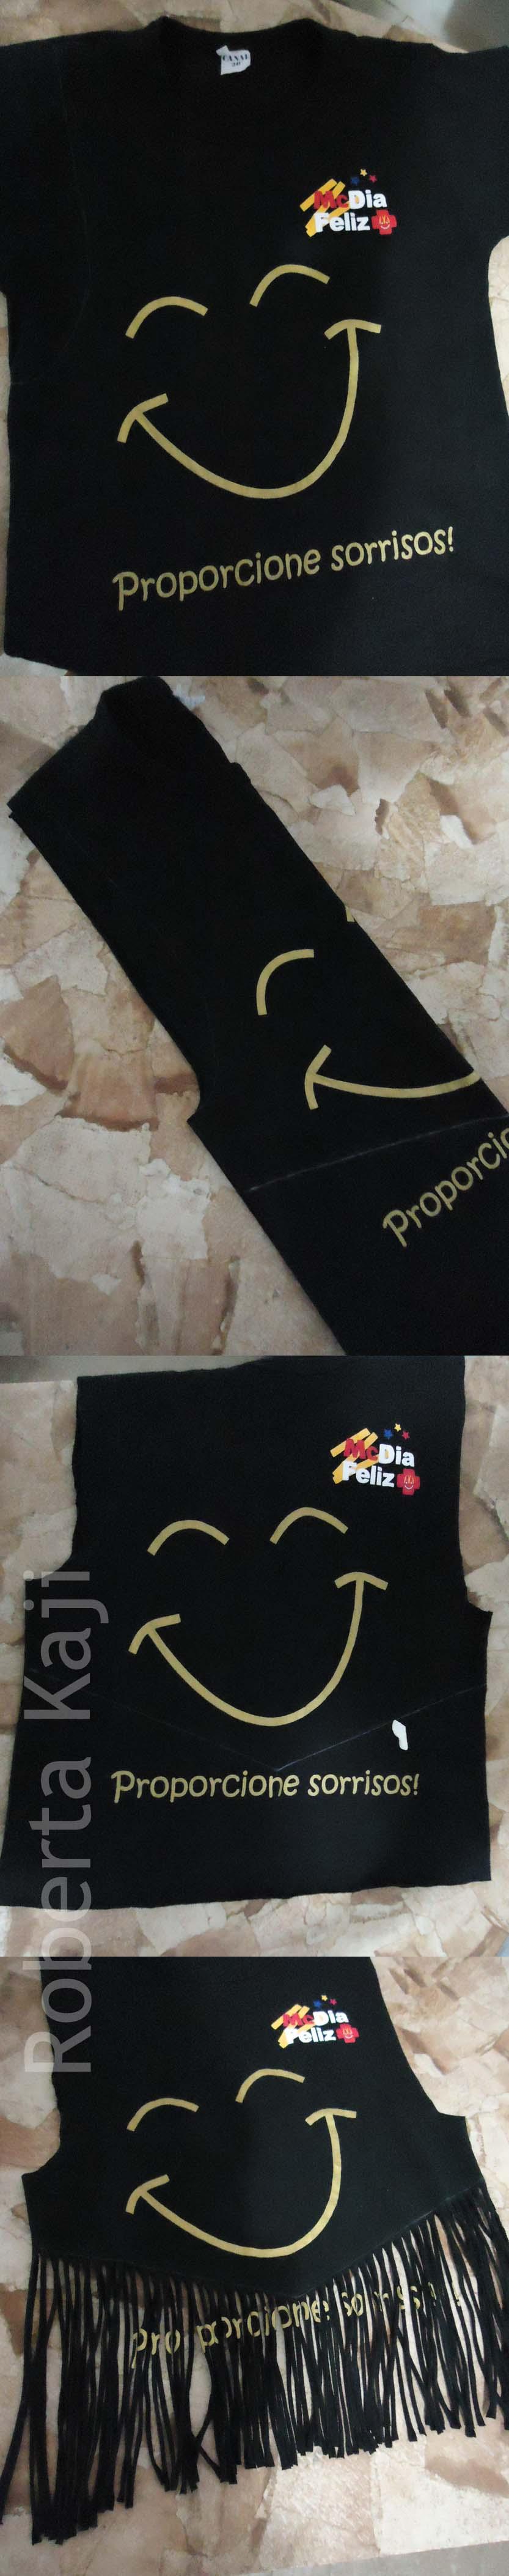 Customização de camiseta de campanha (franjas).